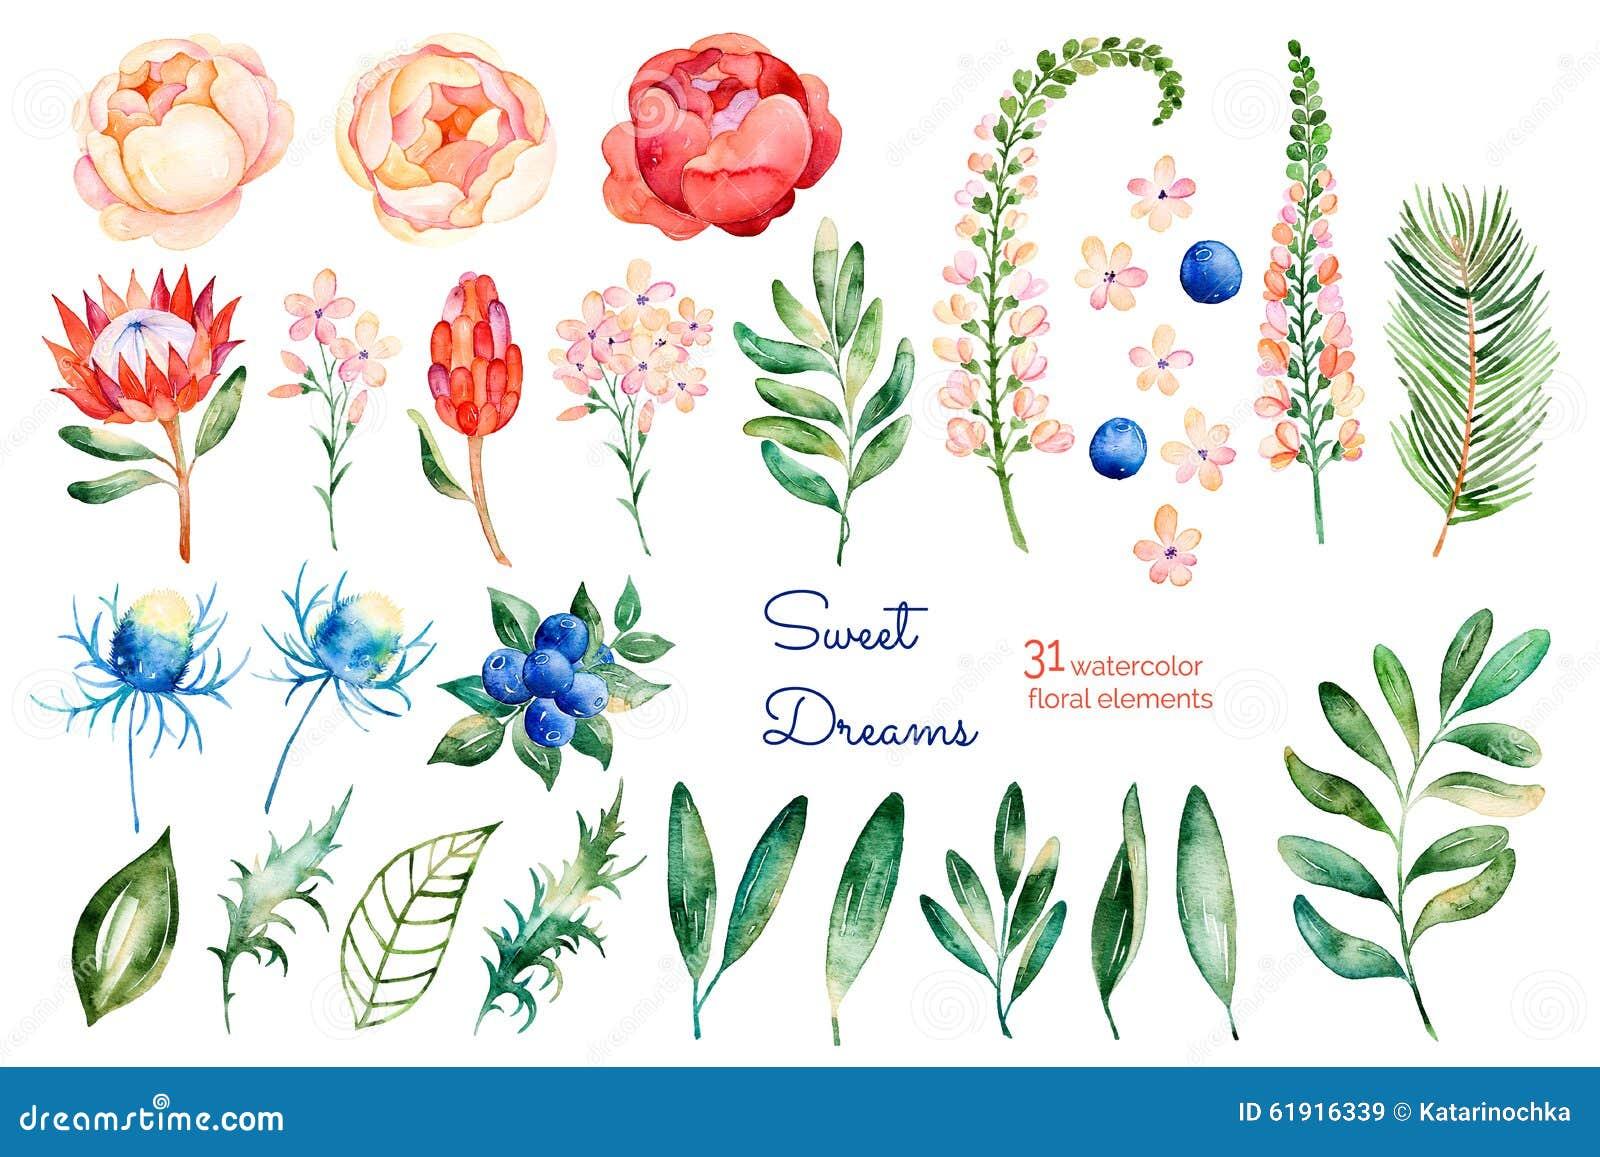 Kleurrijke bloemeninzameling met rozen, bloemen, bladeren, protea, blauwe bessen, nette tak, eryngium